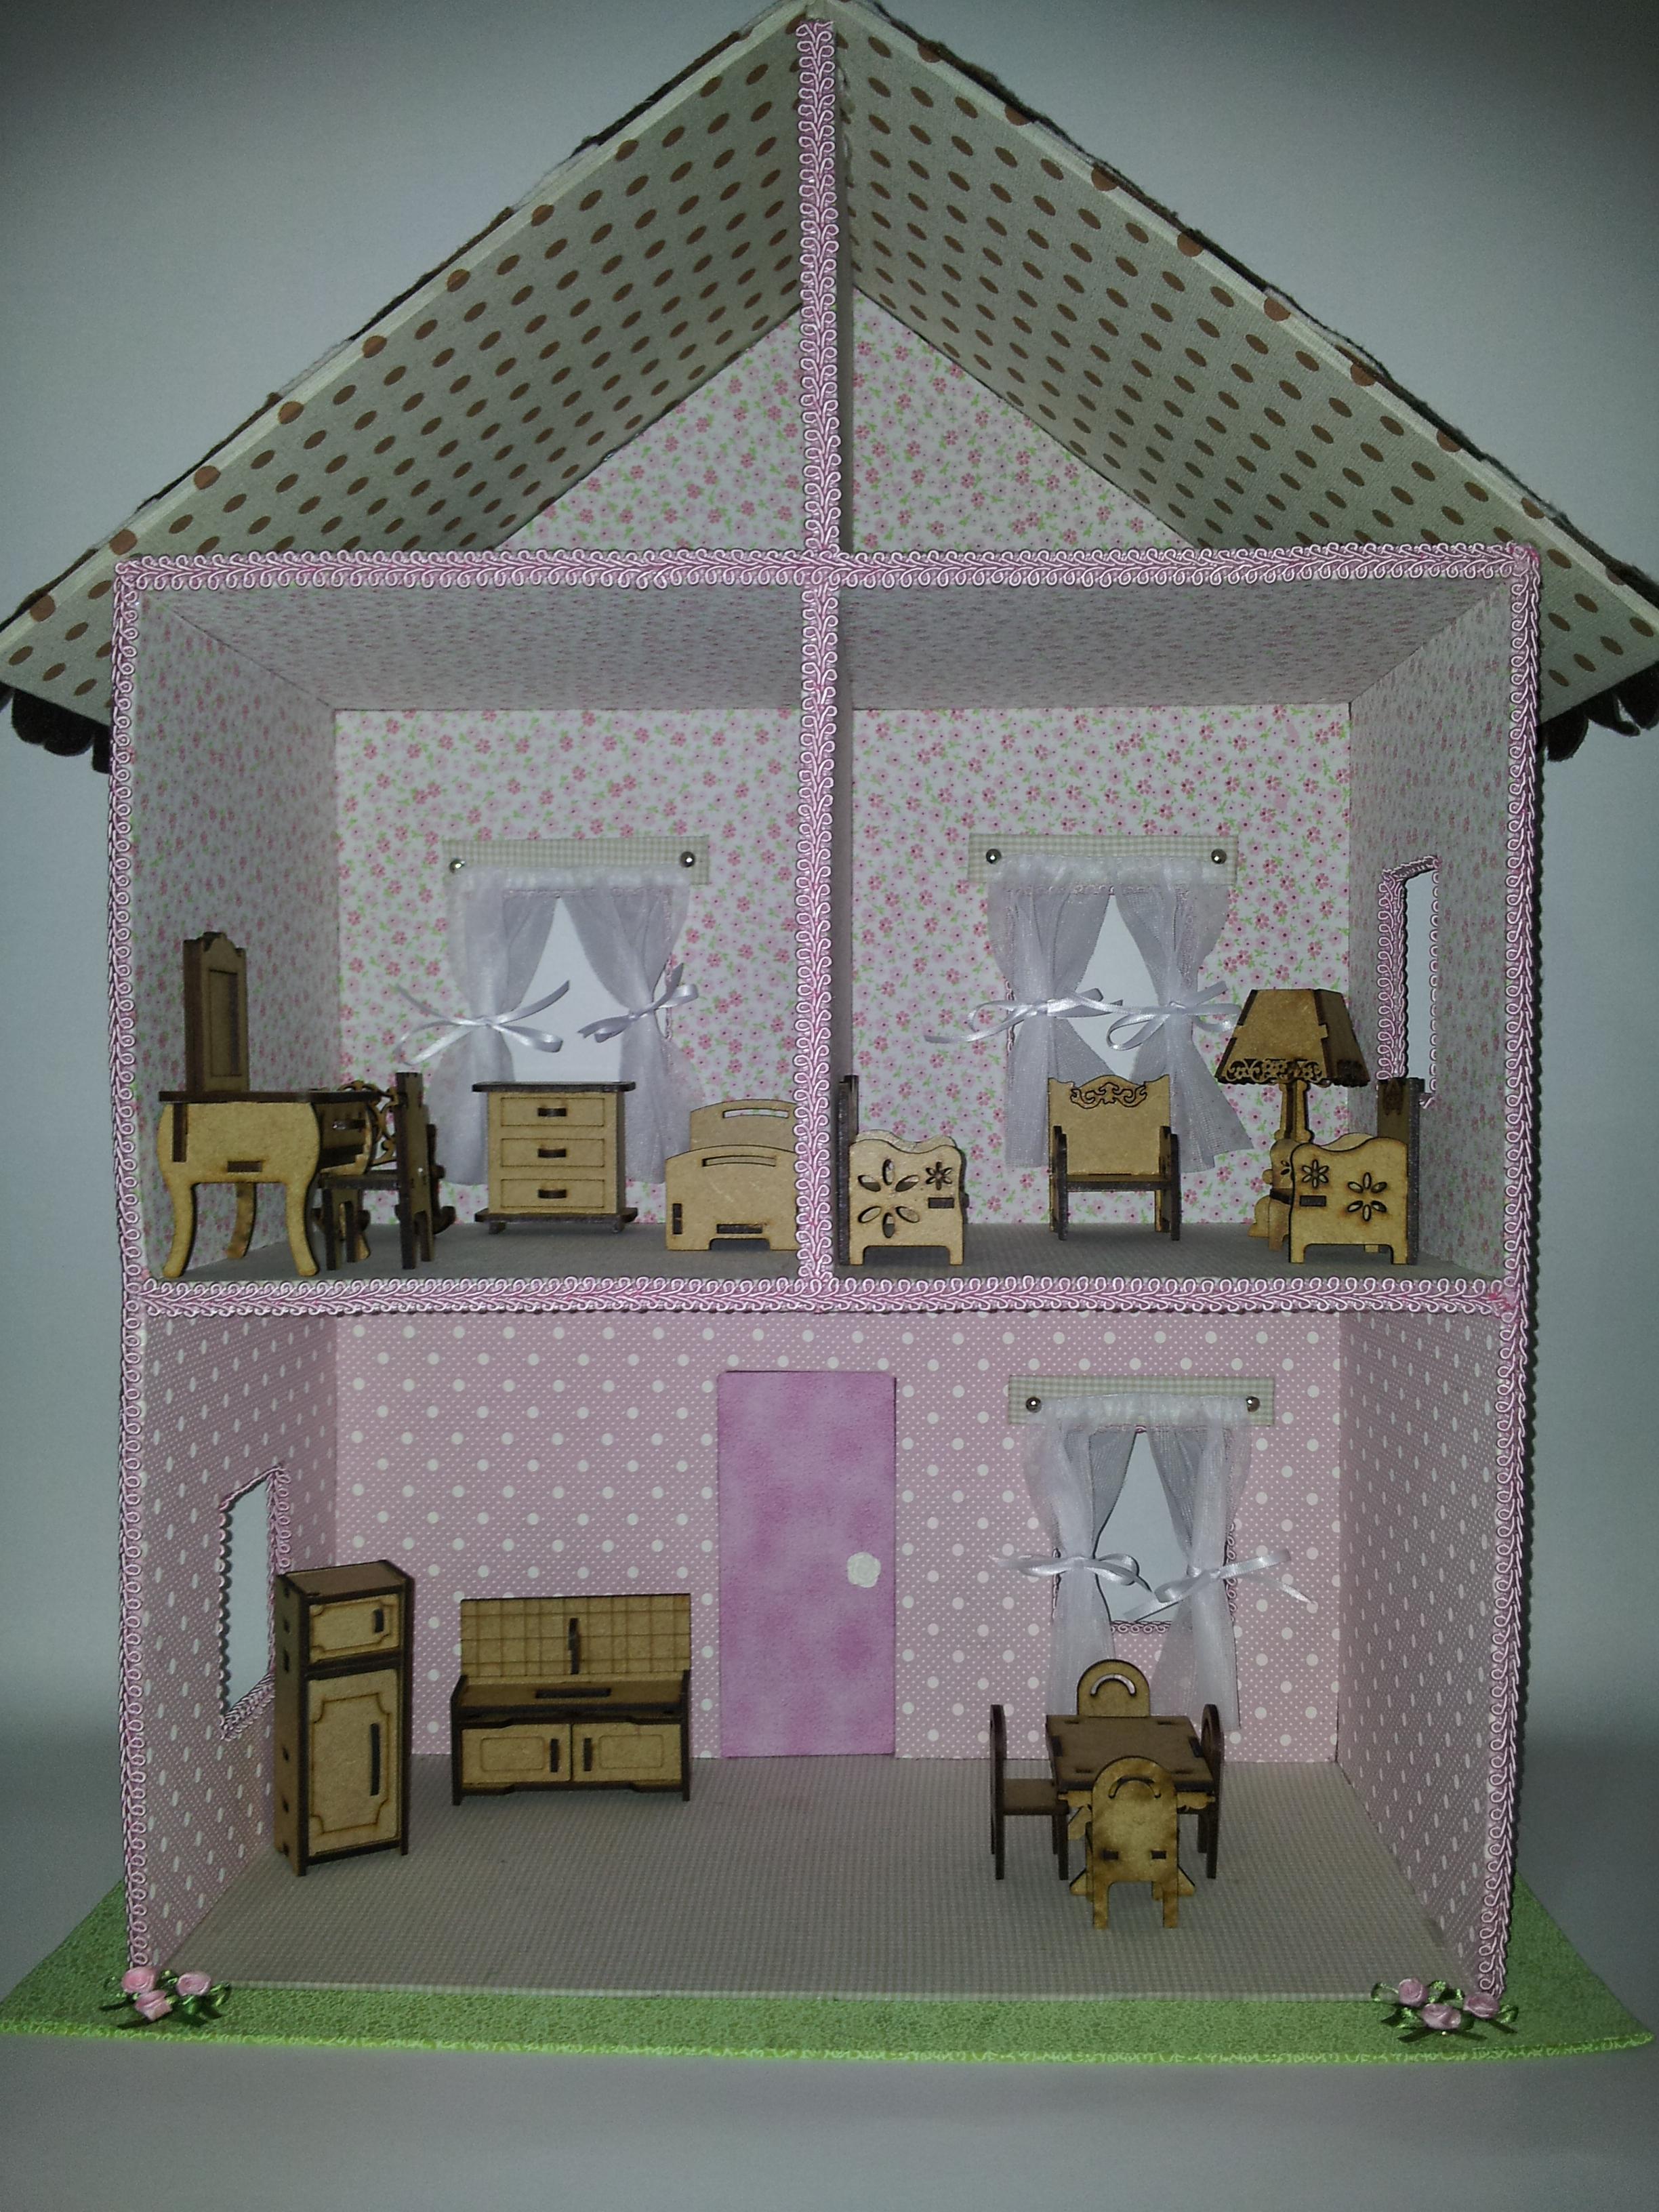 como fazer casinha de boneca para criancas caixas de leite tetra Book  #5B4F35 2448x3264